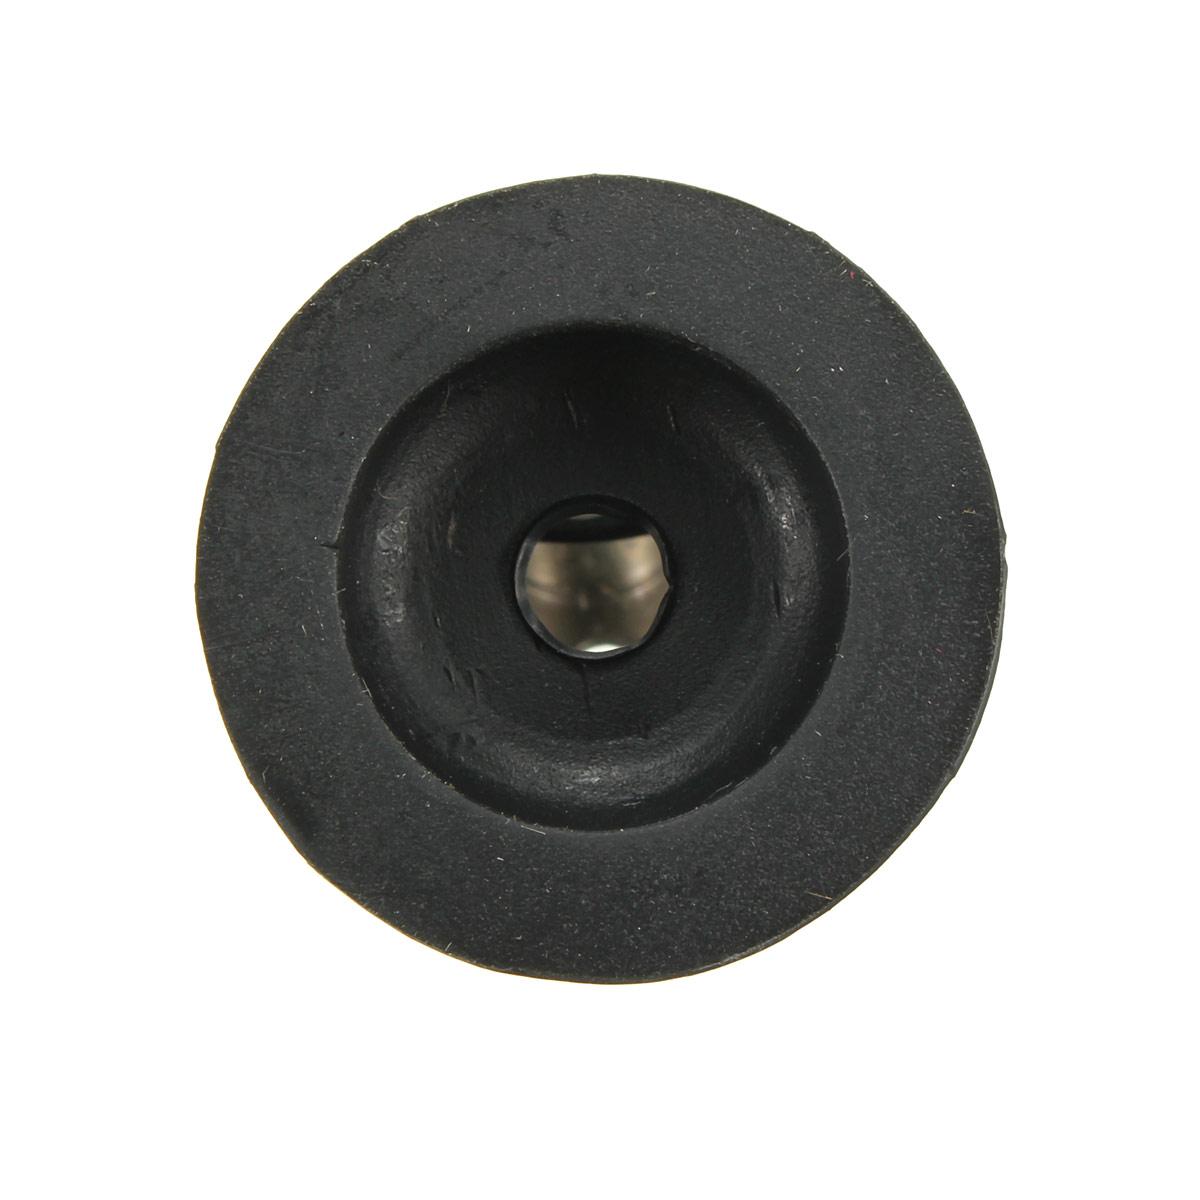 Black 28mm rubber door stop stopper cylinder jam wedge home door floor holder lazada ph - Rubber door stoppers ...